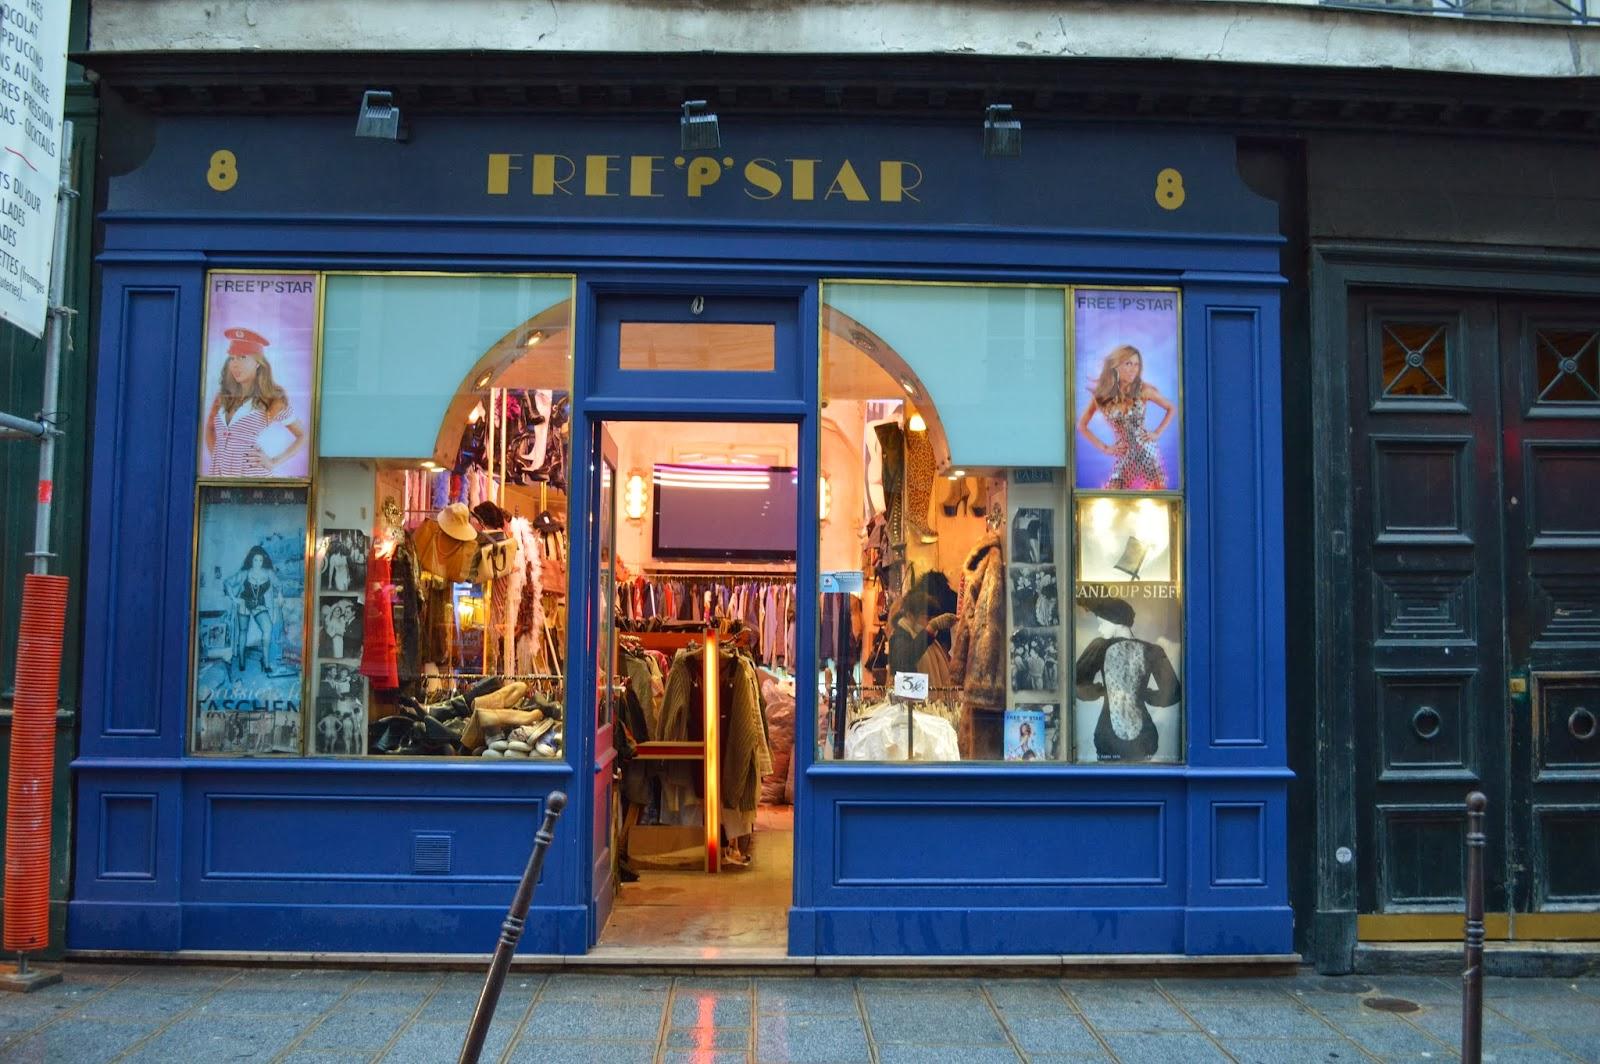 Free 'P' Star Vintage shopping in Le Marais Paris